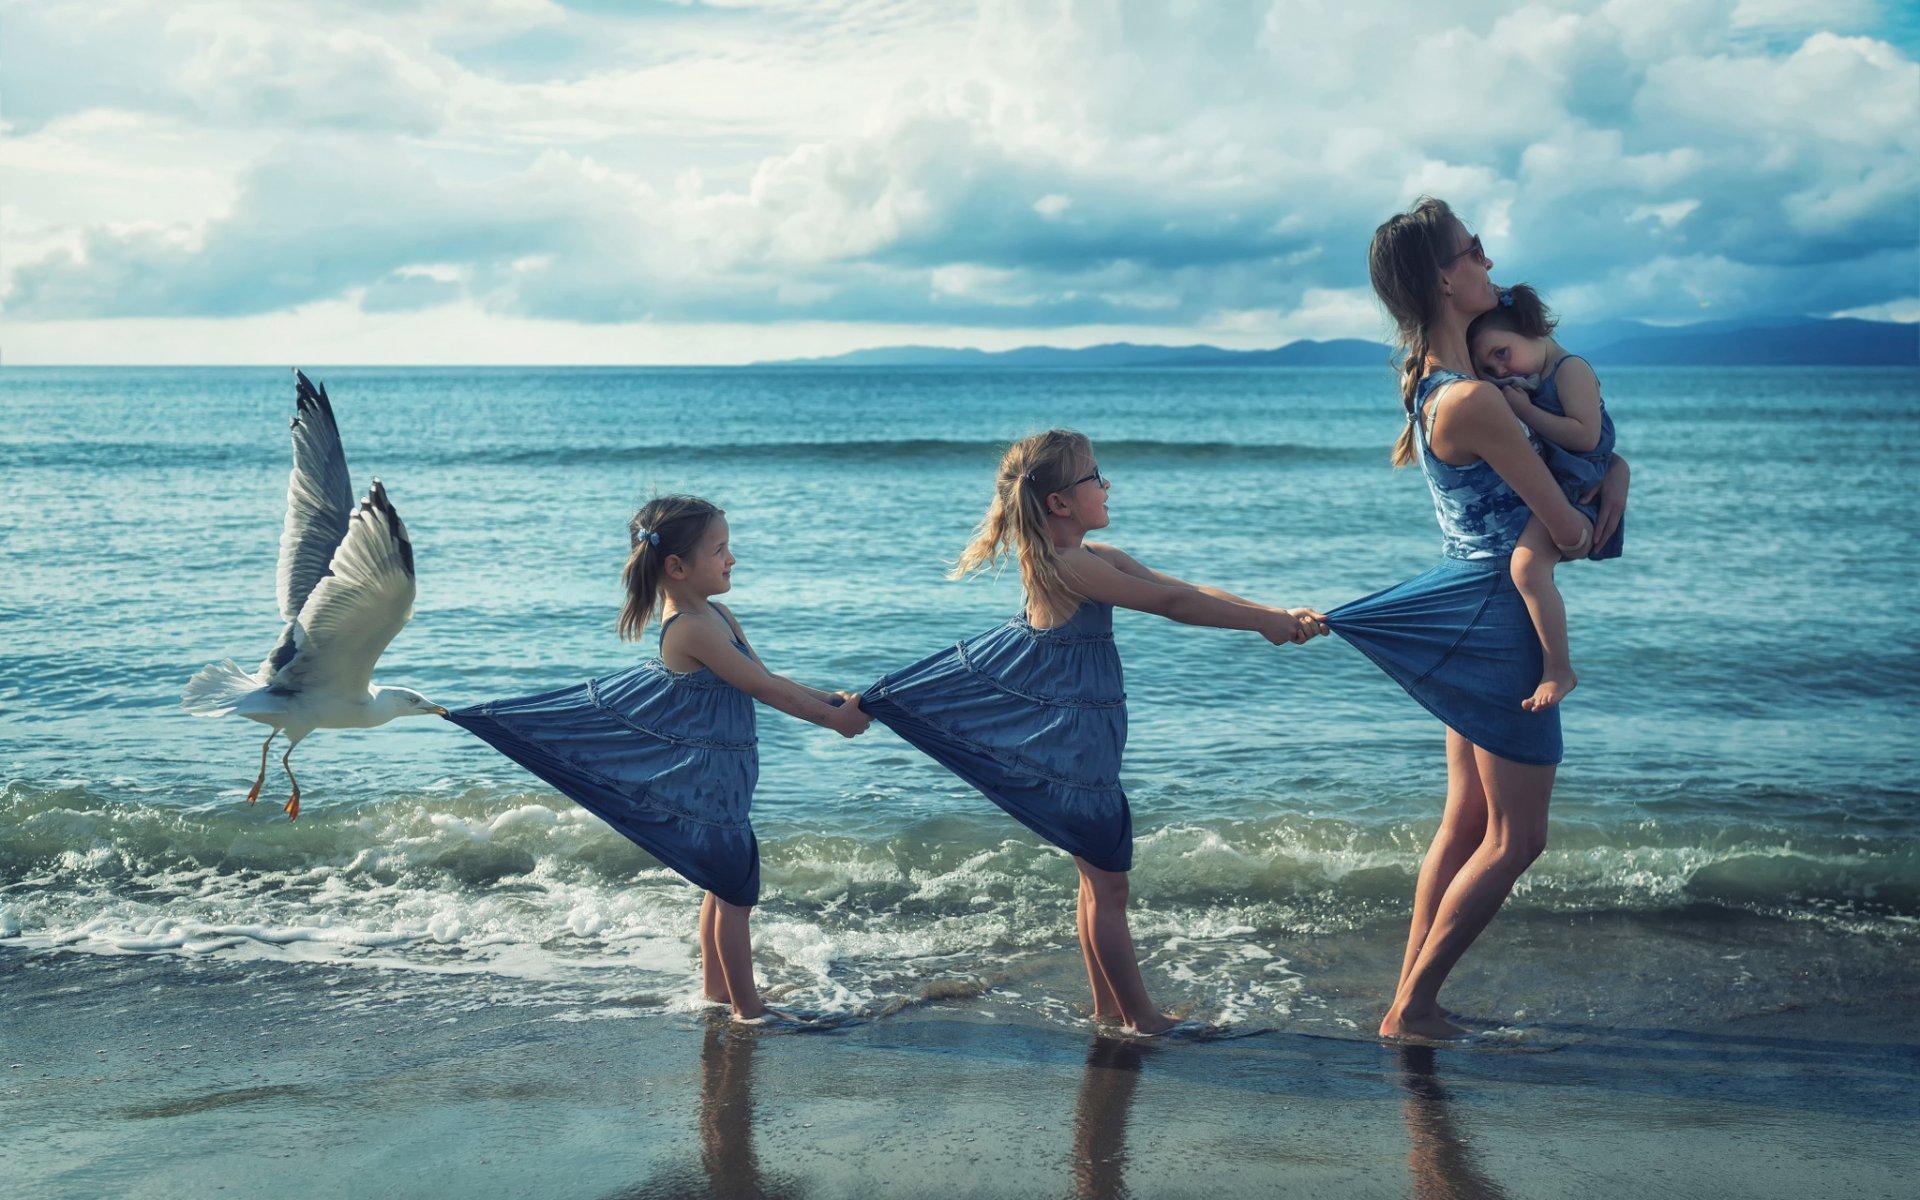 Женщина на море картинки прикольные, создания поздравительных